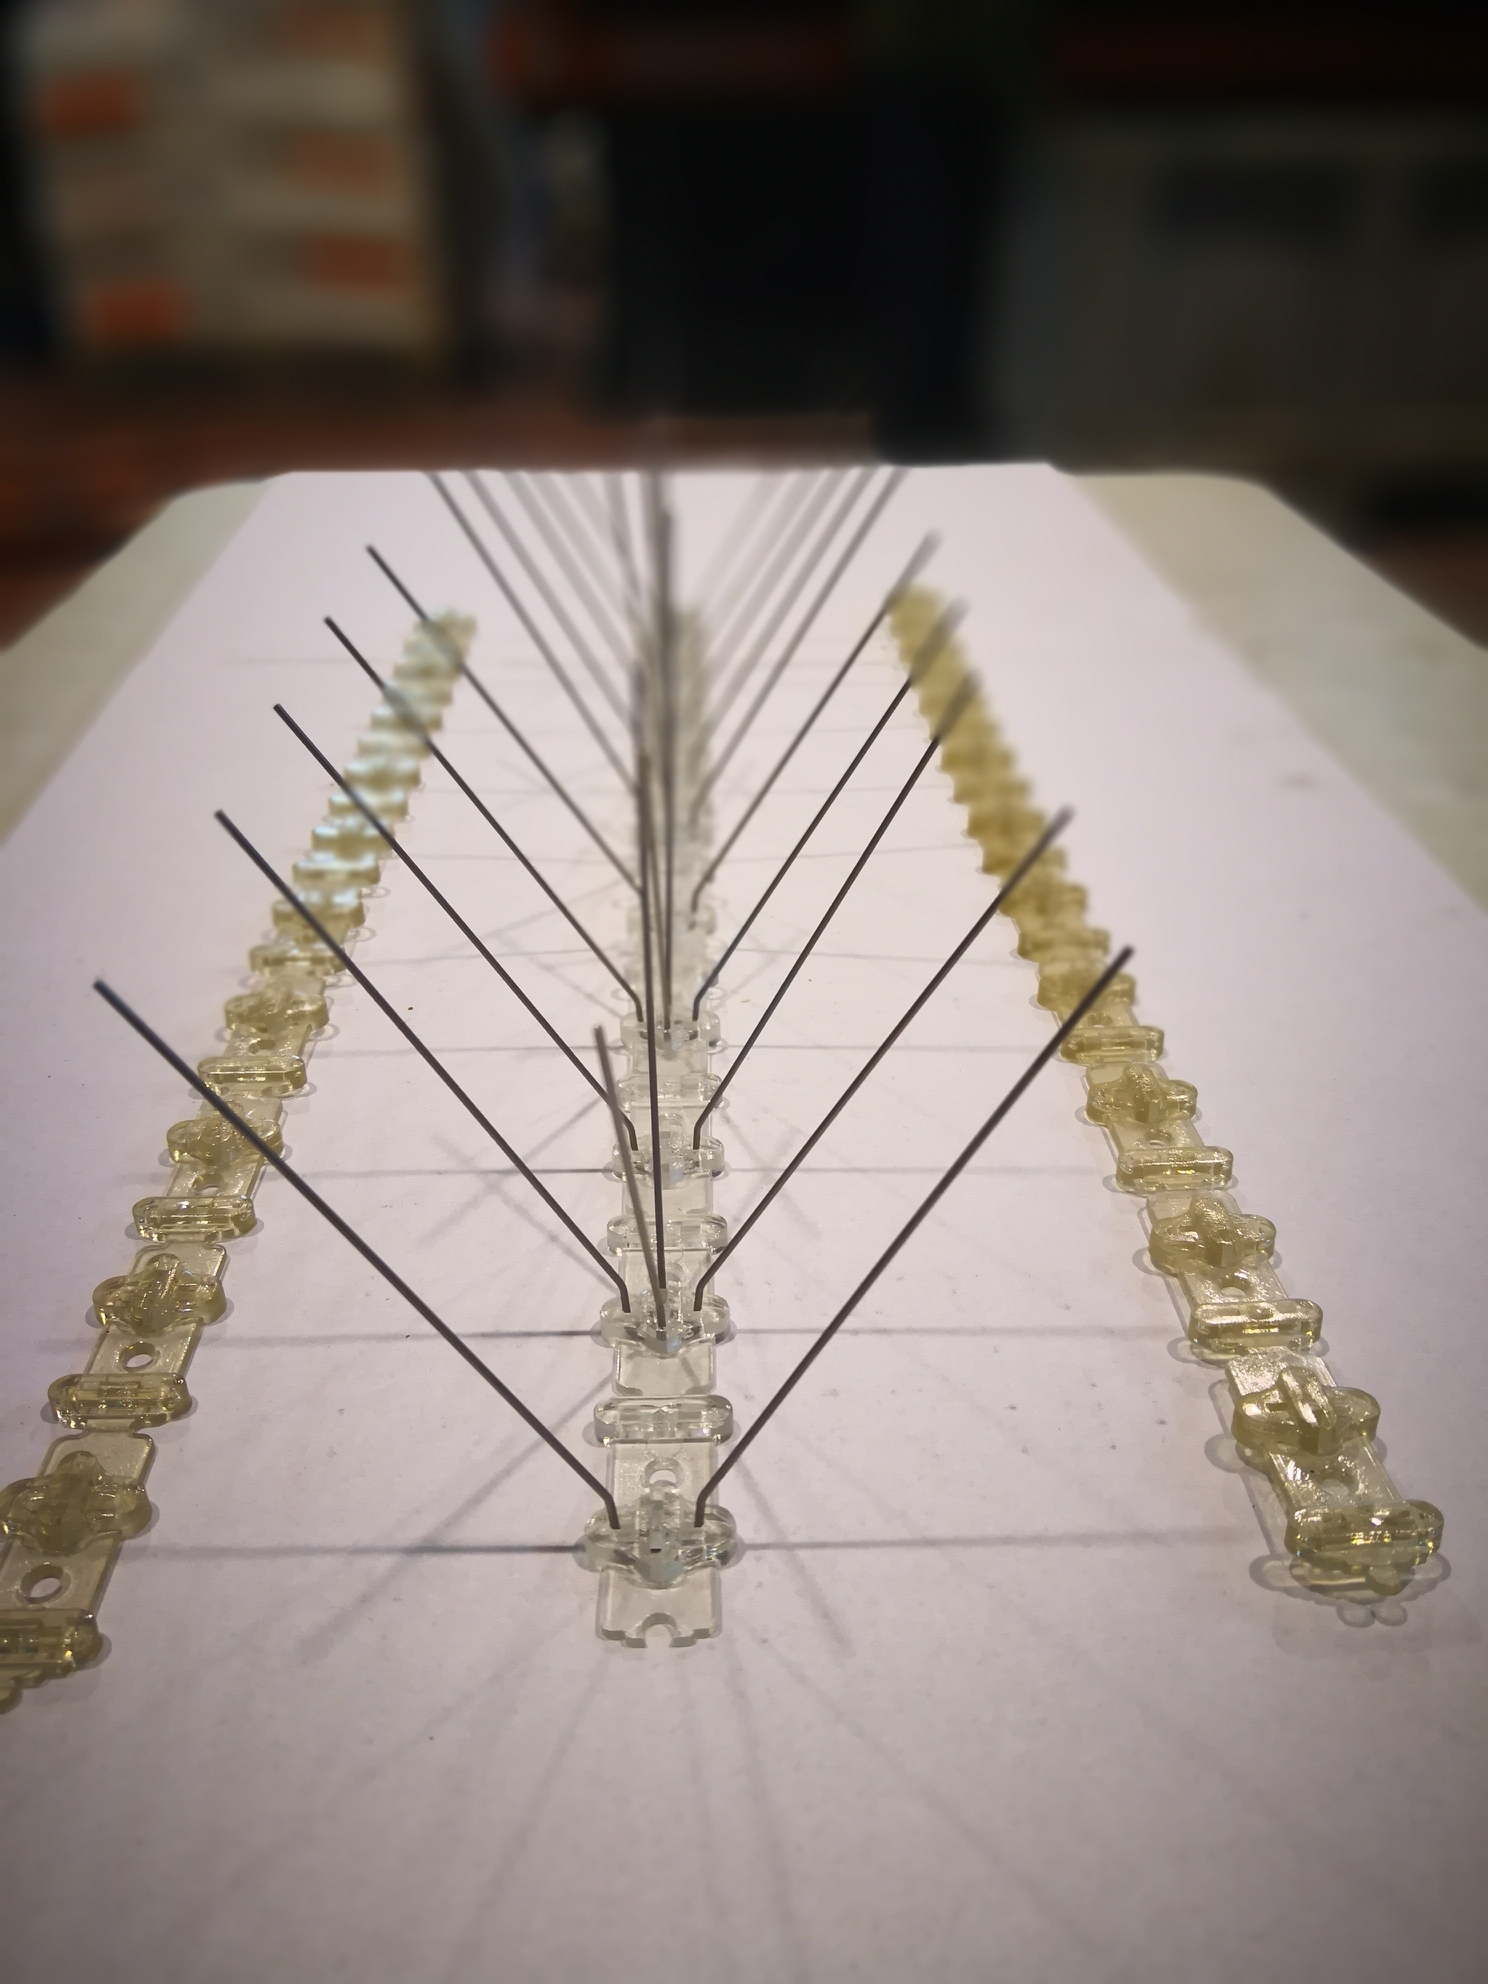 Pieza fabricada por inyección de plásticos